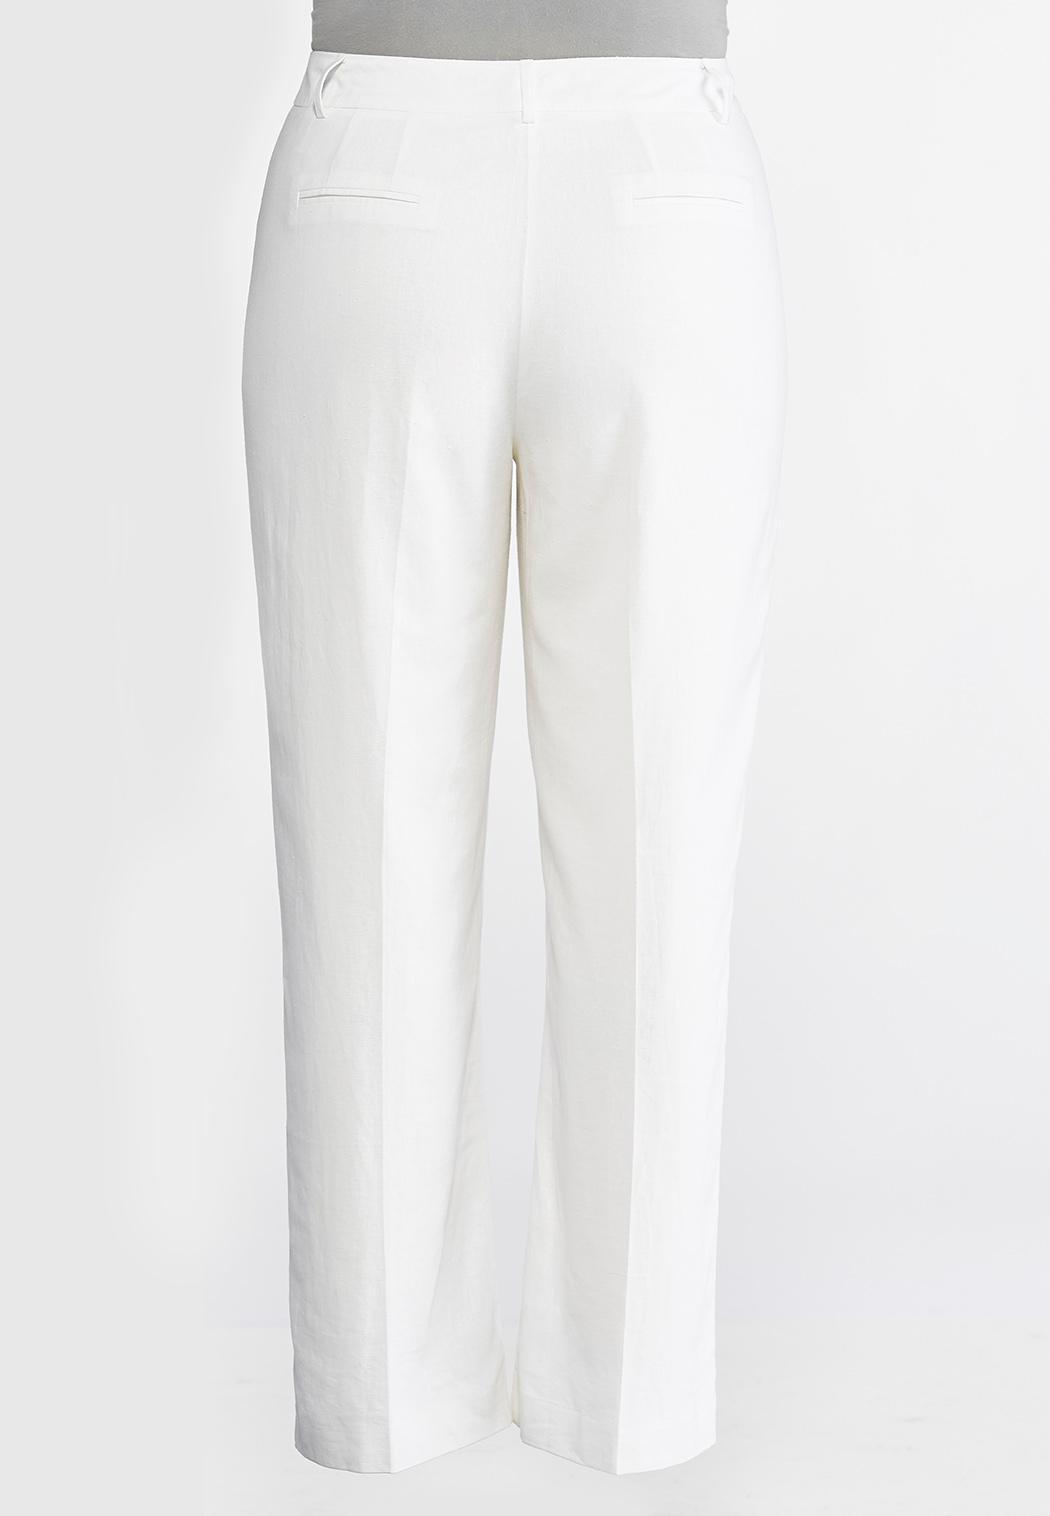 Plus Petite White Linen Trouser Pants (Item #44115084)